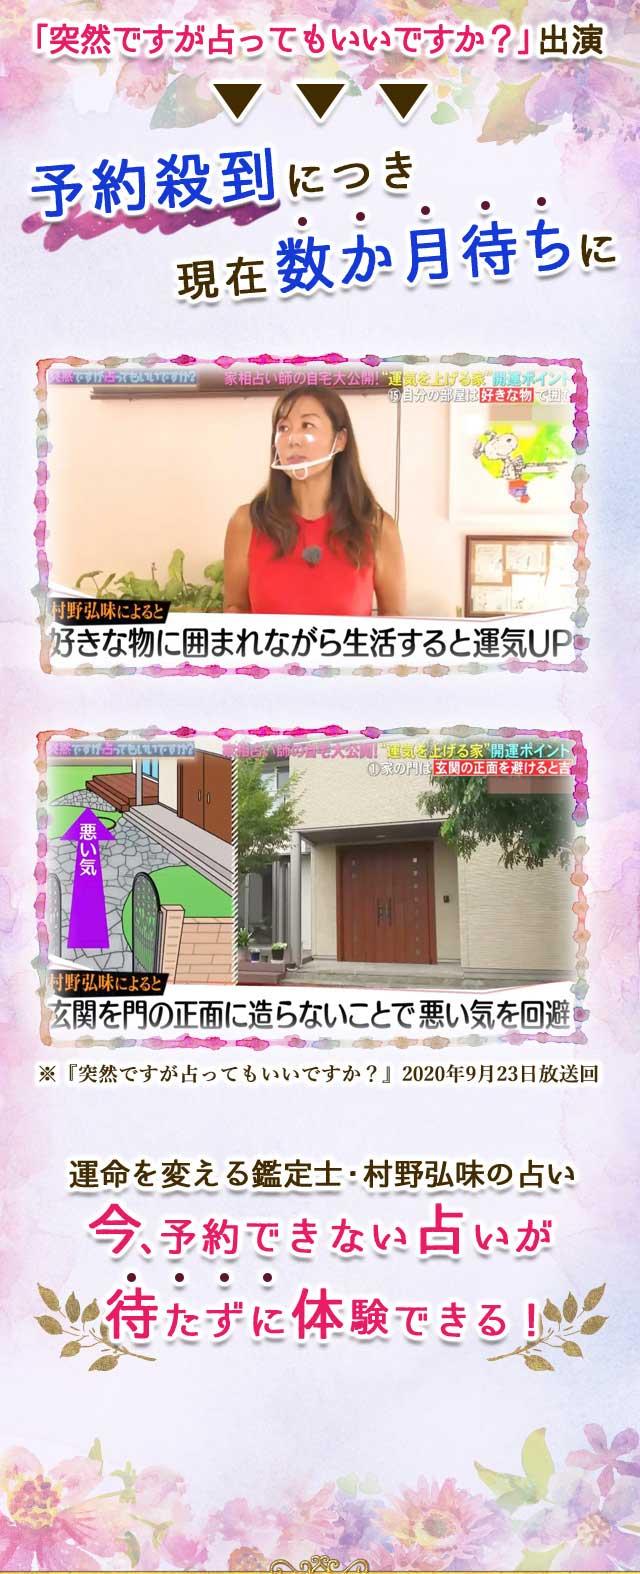 村野弘味 image1